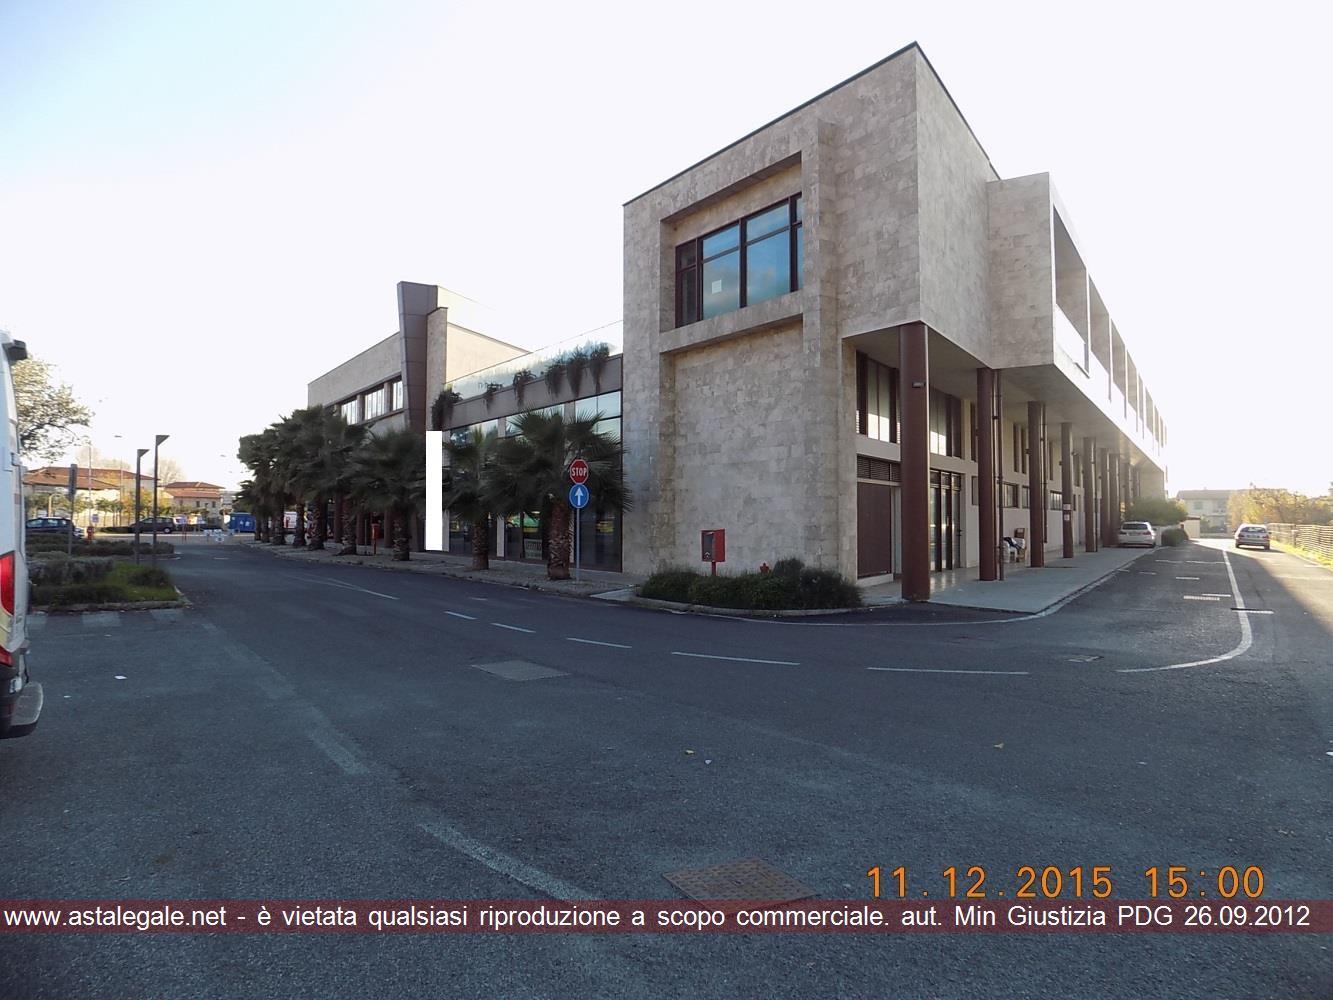 Pietrasanta (LU) Via Aurelia Sud  Km. 367+257 - Loc. Osterietta